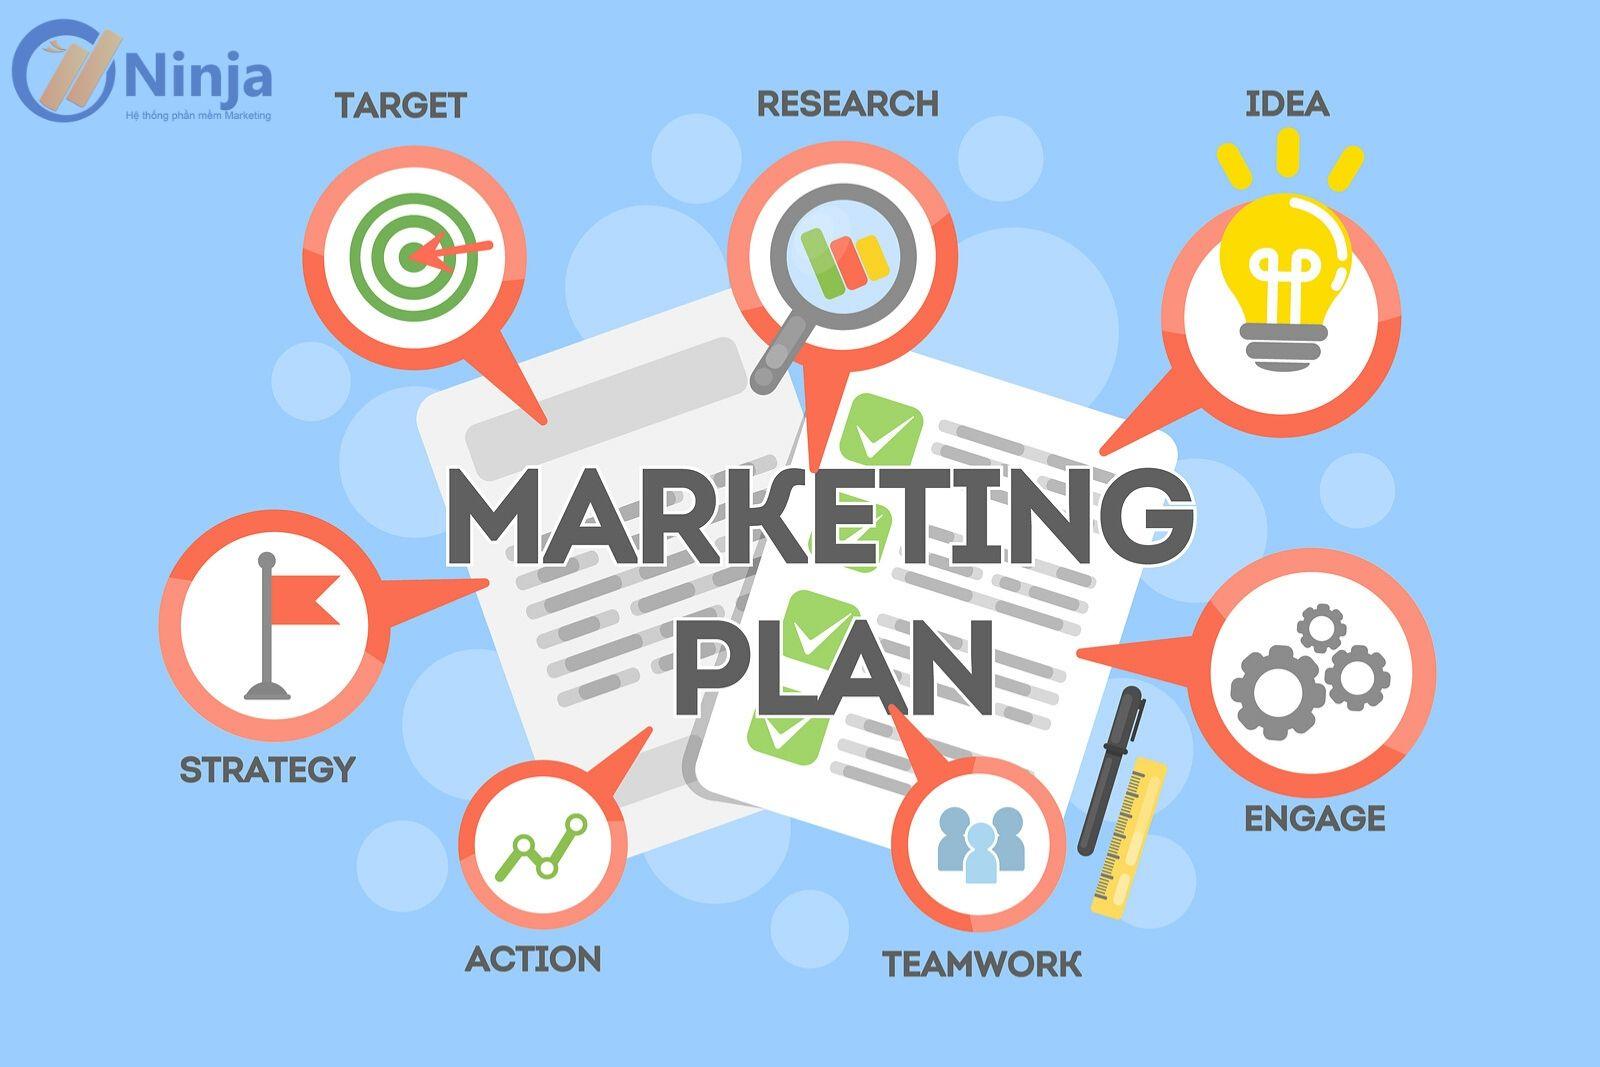 Thiết kế không tên 7 1 Lập kế hoạch Marketing bán hàng online hiệu quả tiết kiệm chi phí